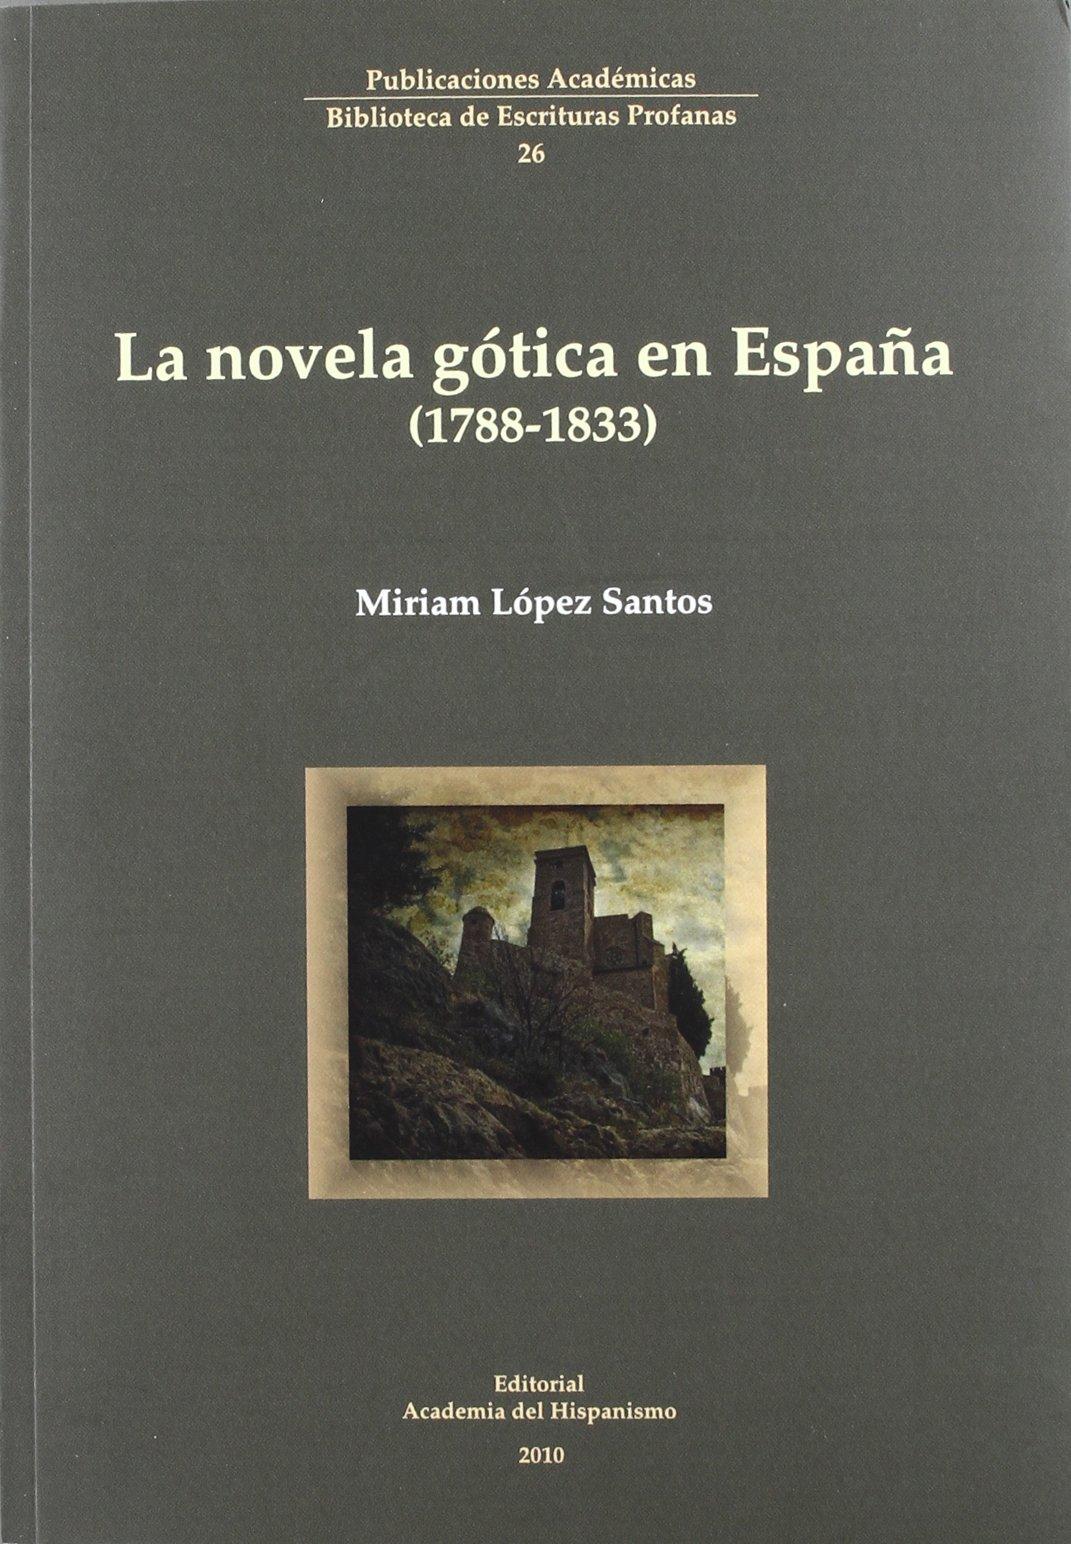 LA NOVELA GOTICA EN ESPAÑA 1788-1833: Amazon.es: Lopez Santos, Miriam: Libros